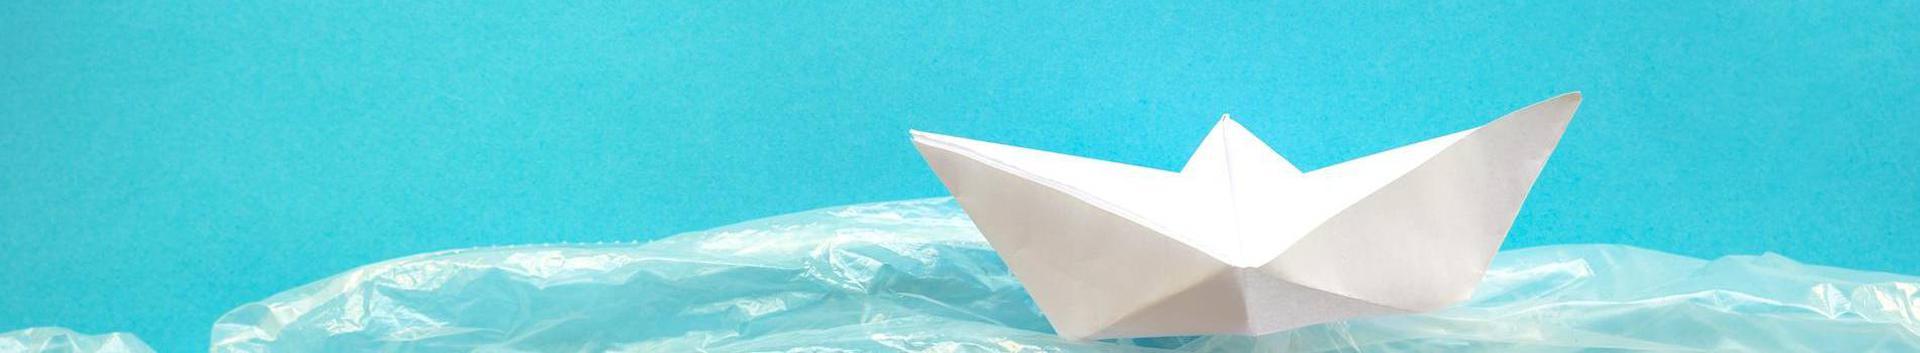 22291_muude-plasttoodete-tootmine_31698419_xl.jpg